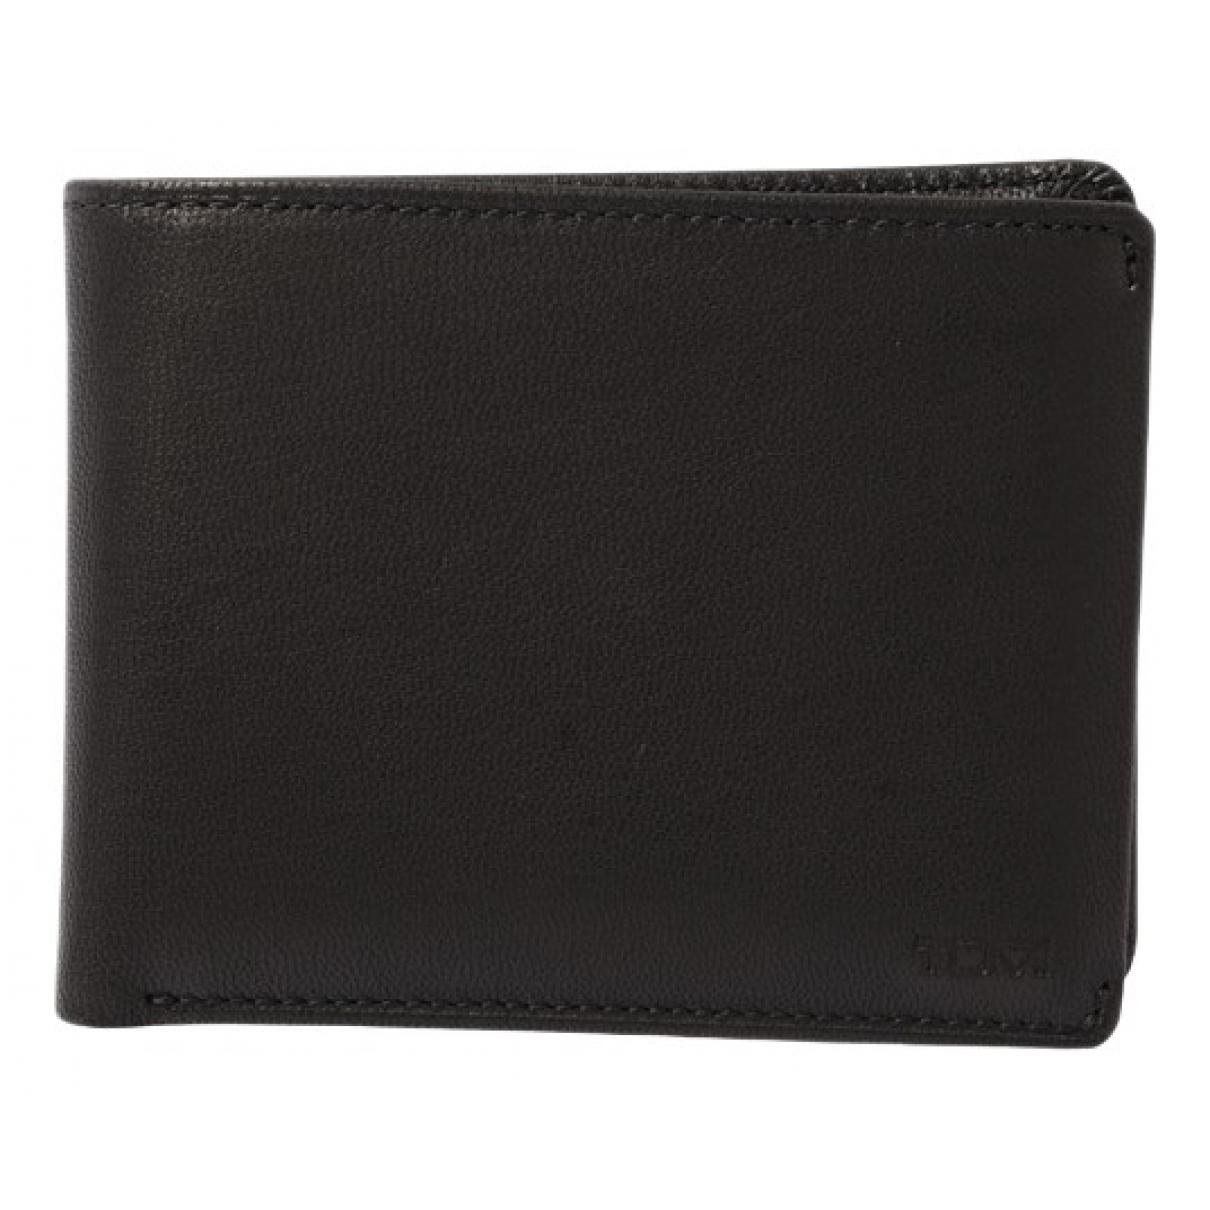 Tumi - Portefeuille   pour femme en cuir - noir